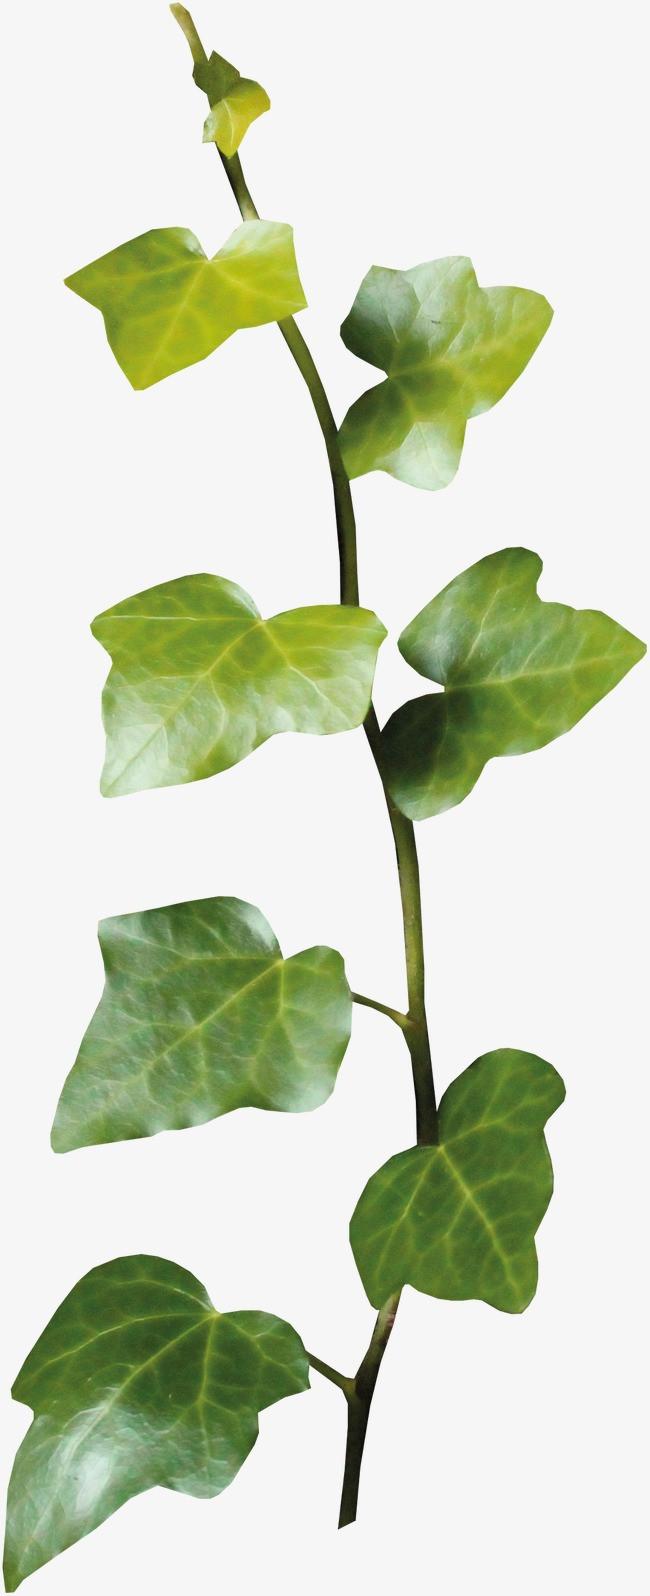 装饰图标手绘小清新素材 清新藤蔓树叶